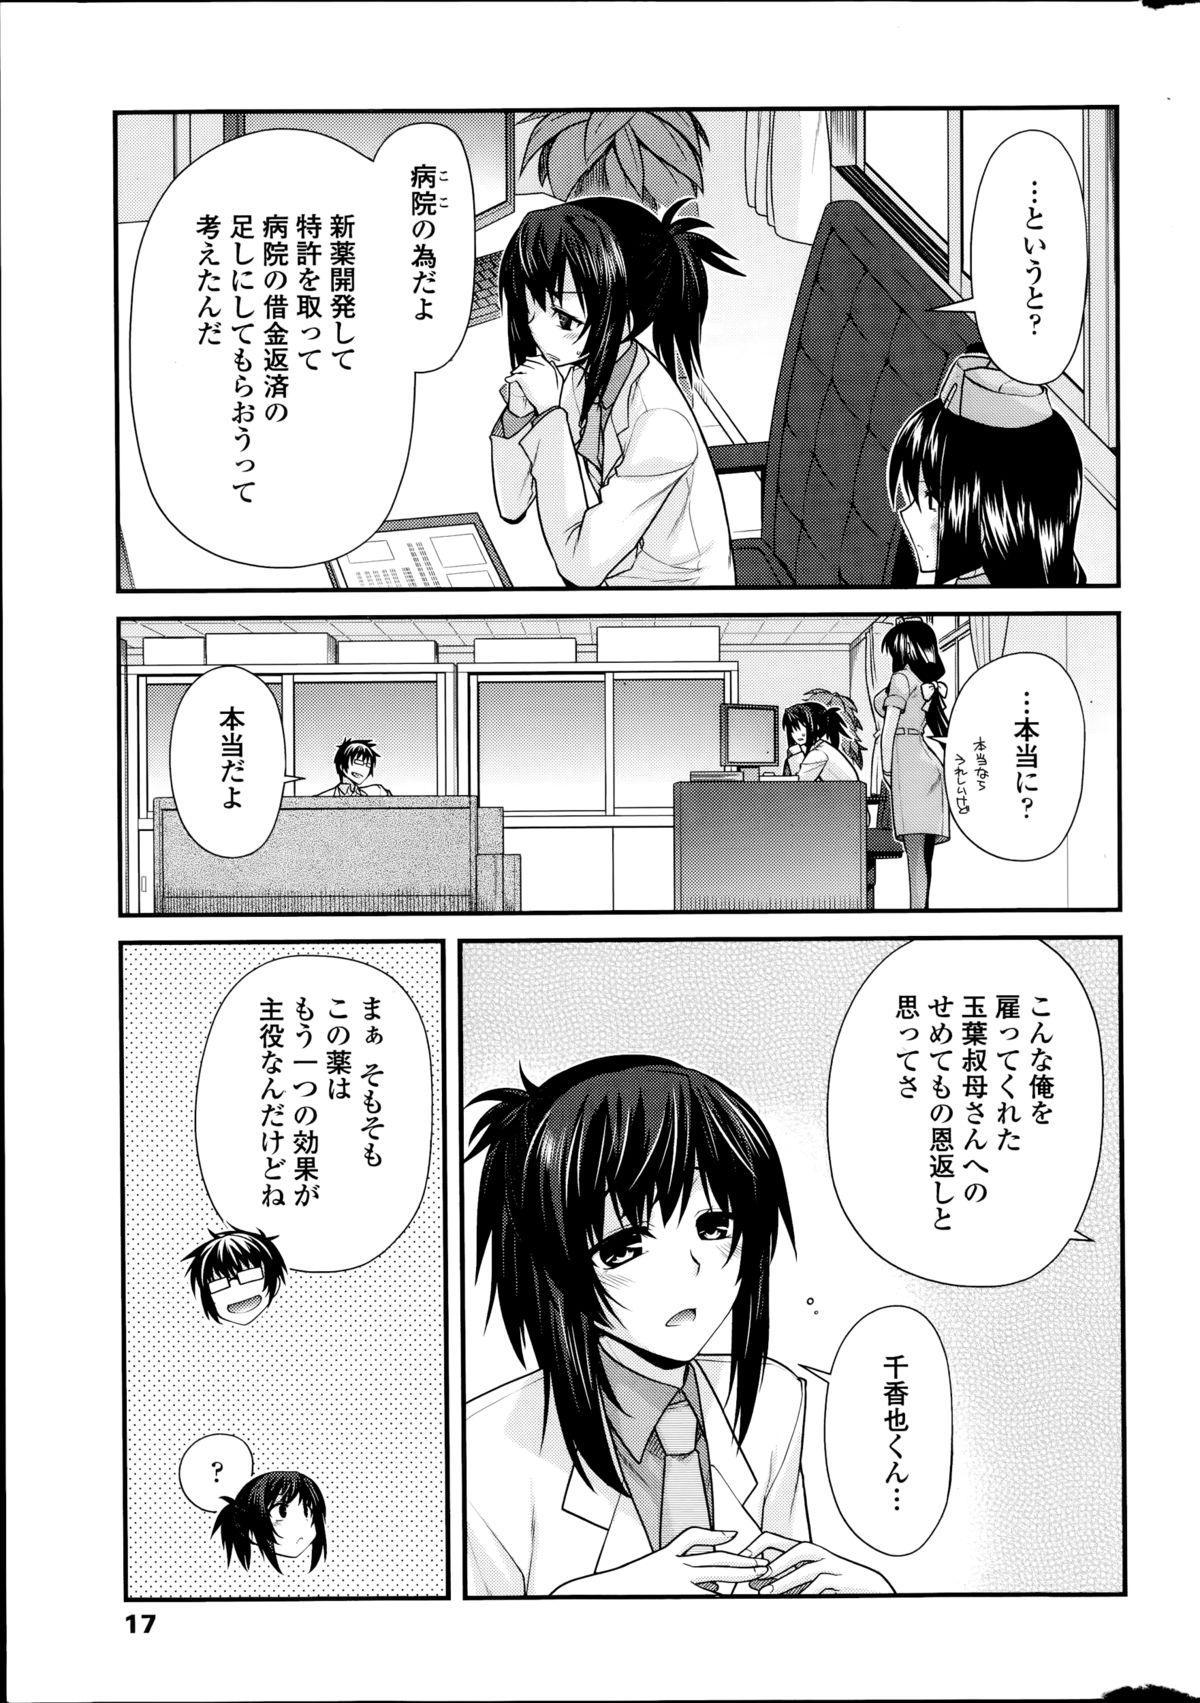 Yumemirukusuri Ch. 1-4 4